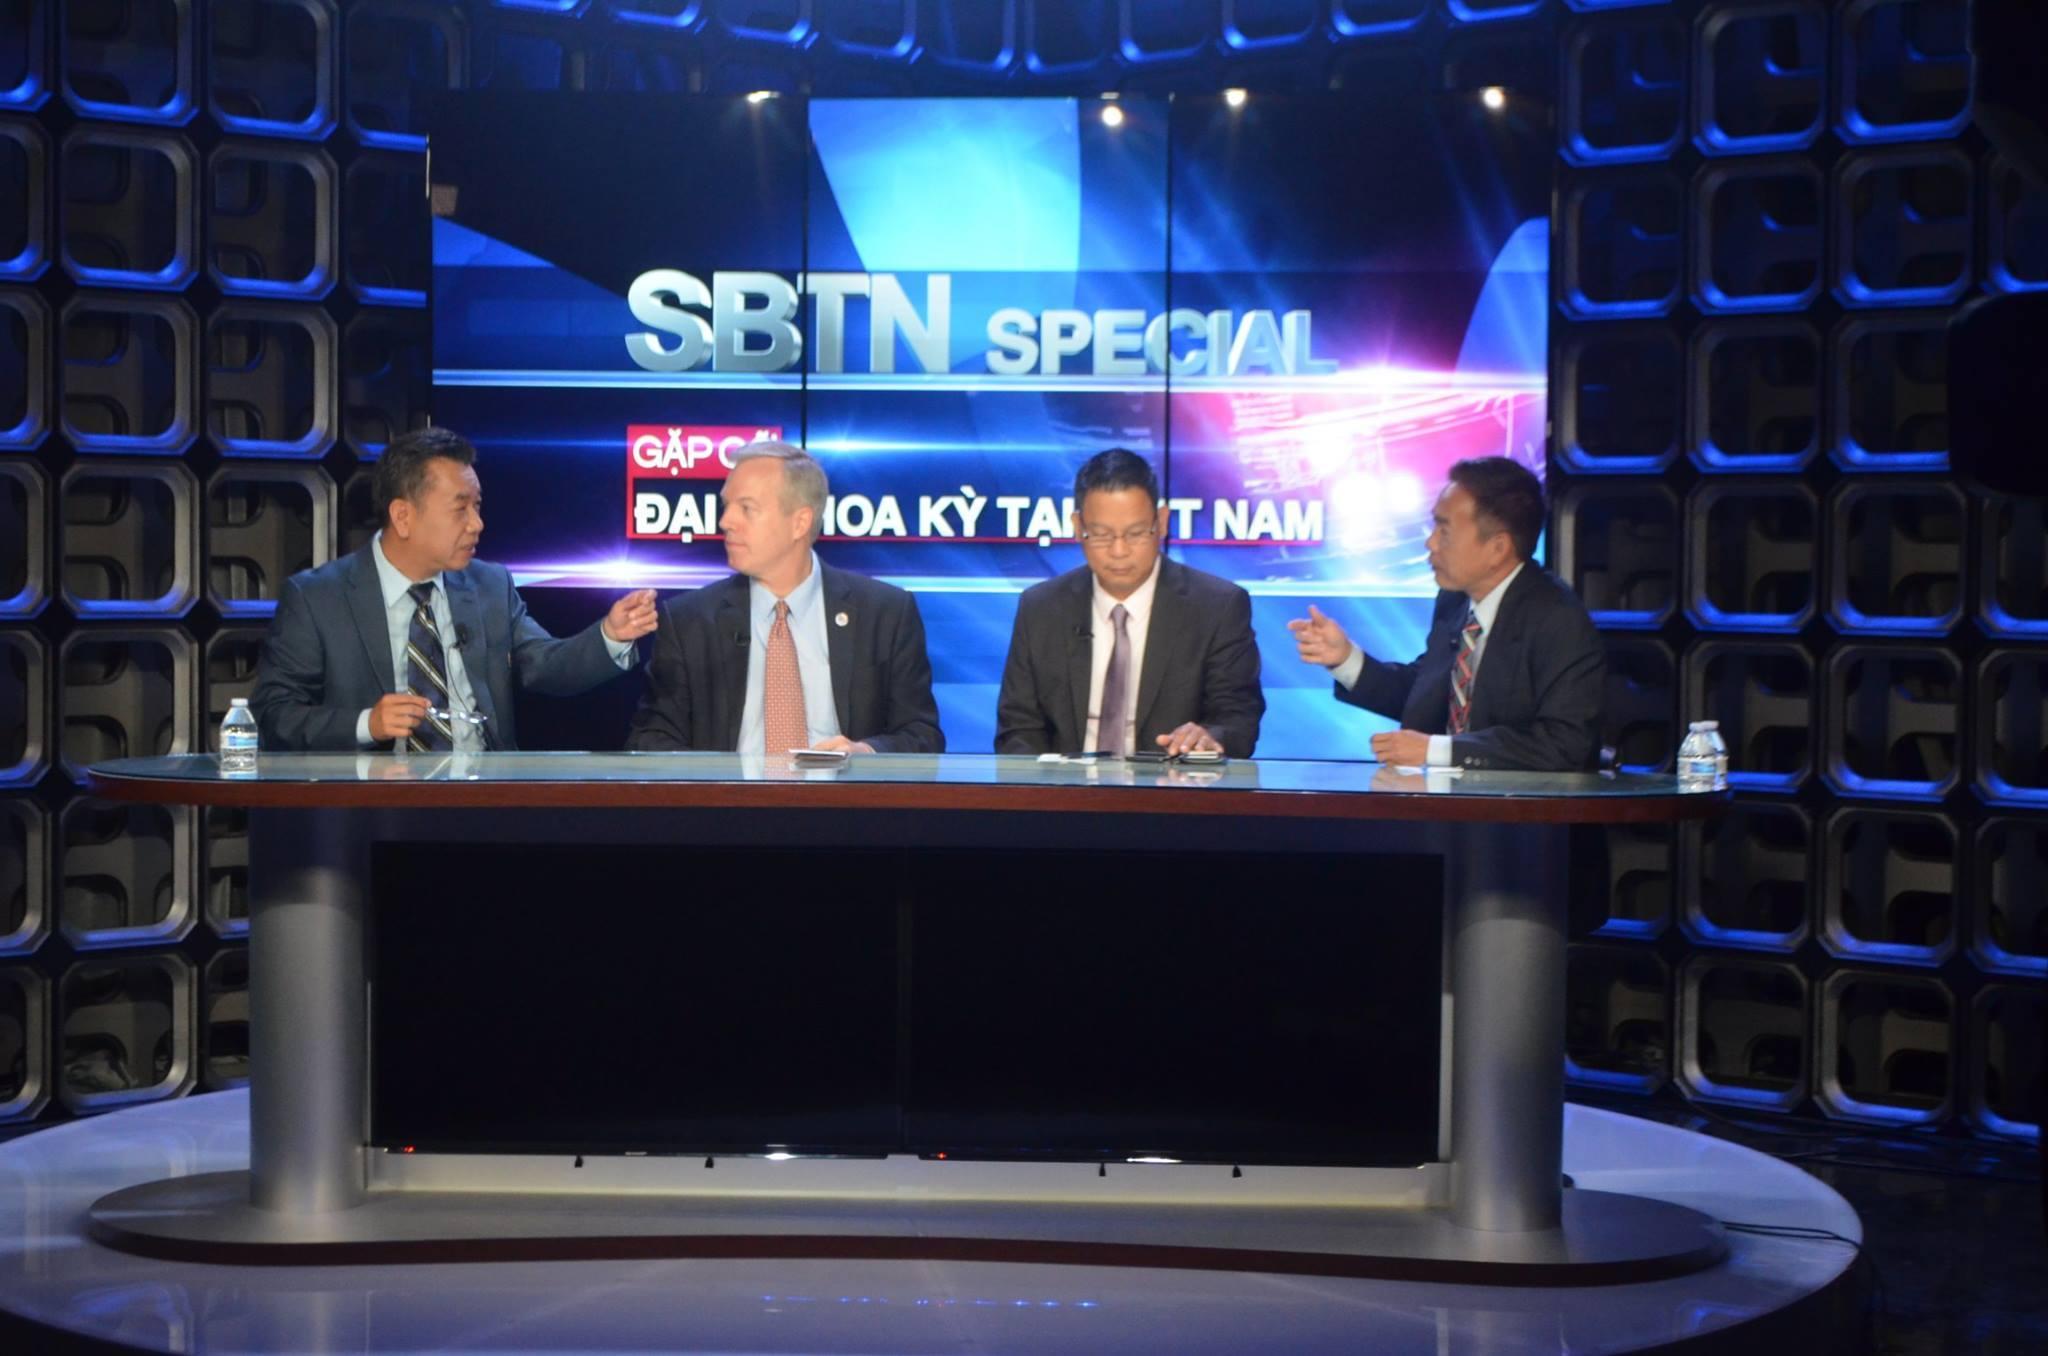 Đại Sứ Hoa Kỳ tại Việt Nam Ted Osius ghé thăm đài truyền hình SBTN